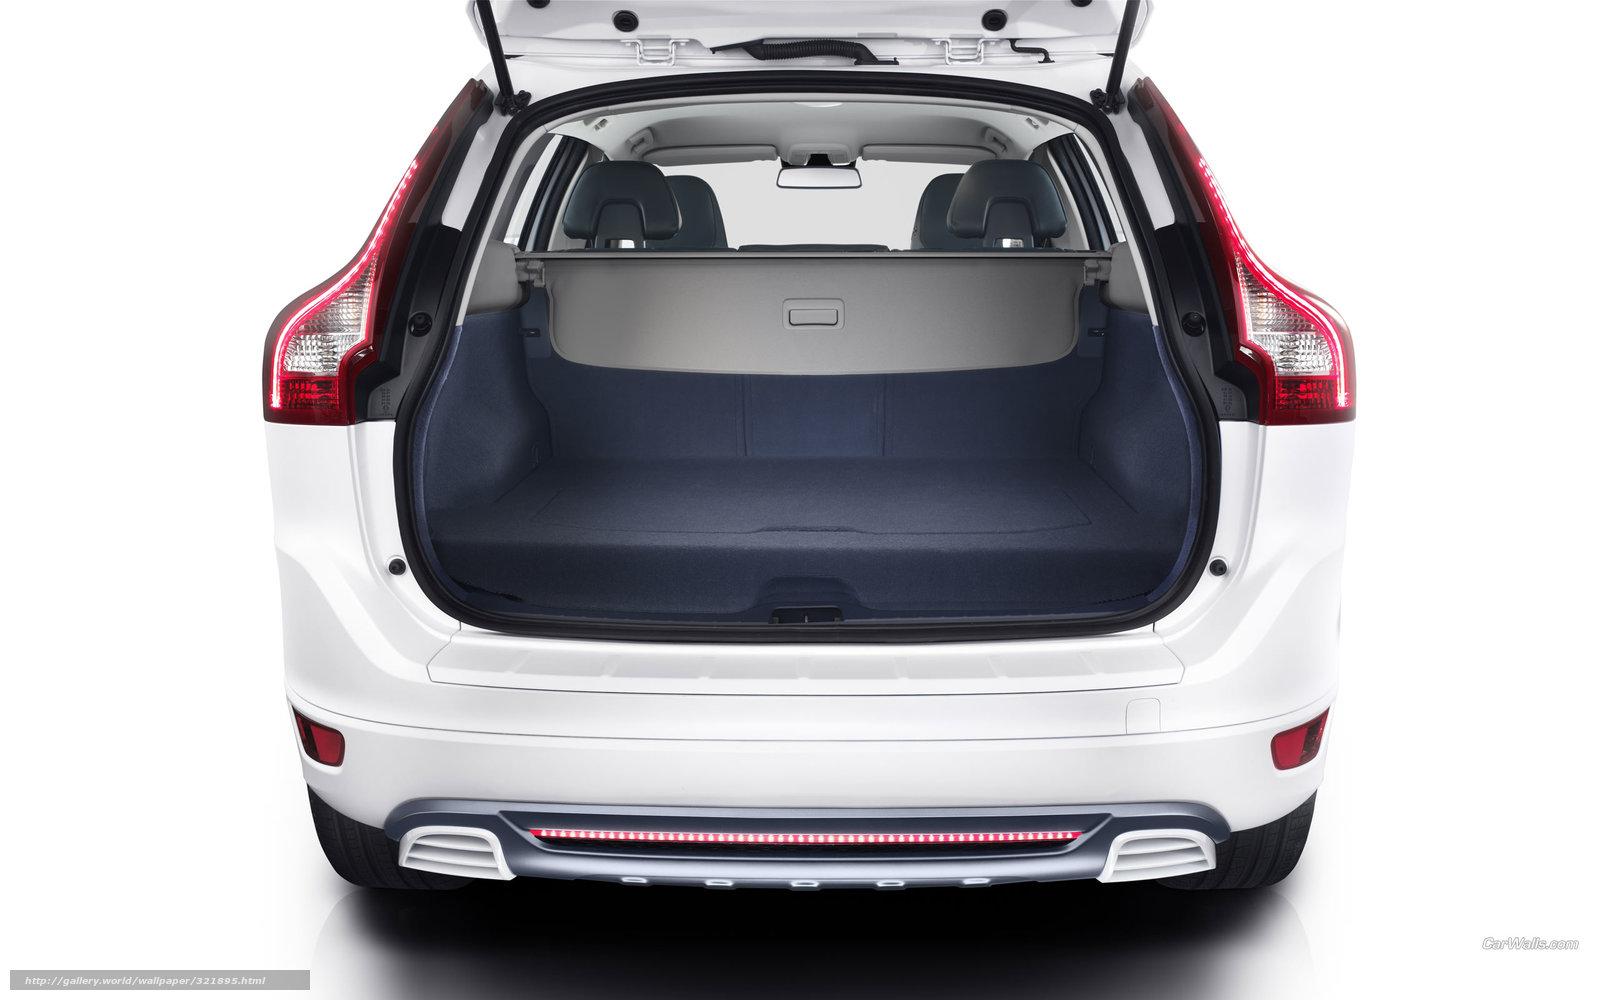 沃尔沃xc60插电混动概念车 底特律亮相 沃尔沃xc60越野高清图片